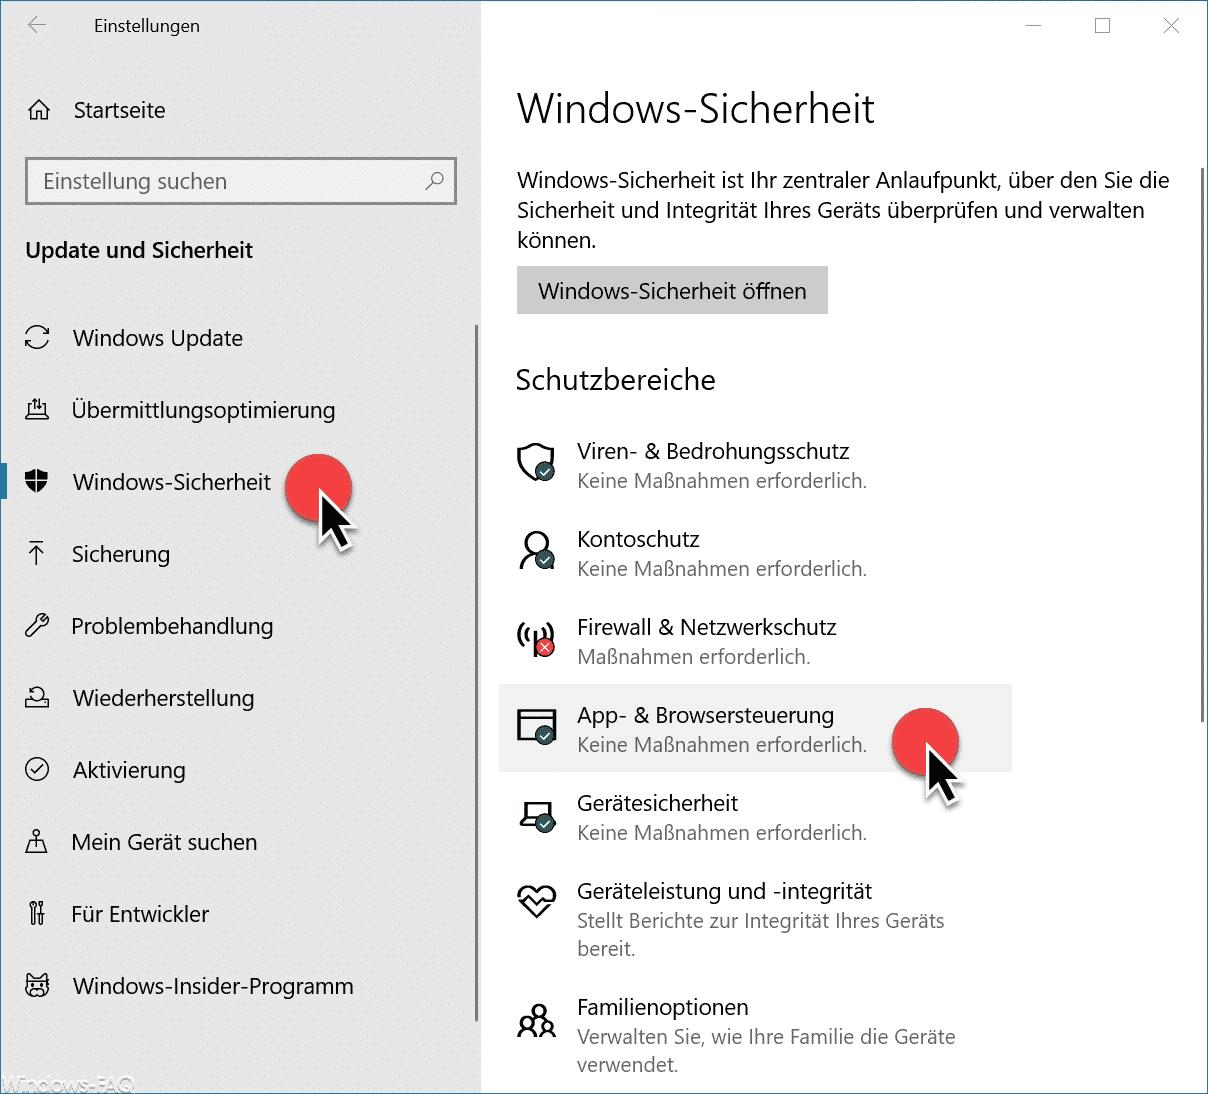 App- & Browsersteuerung